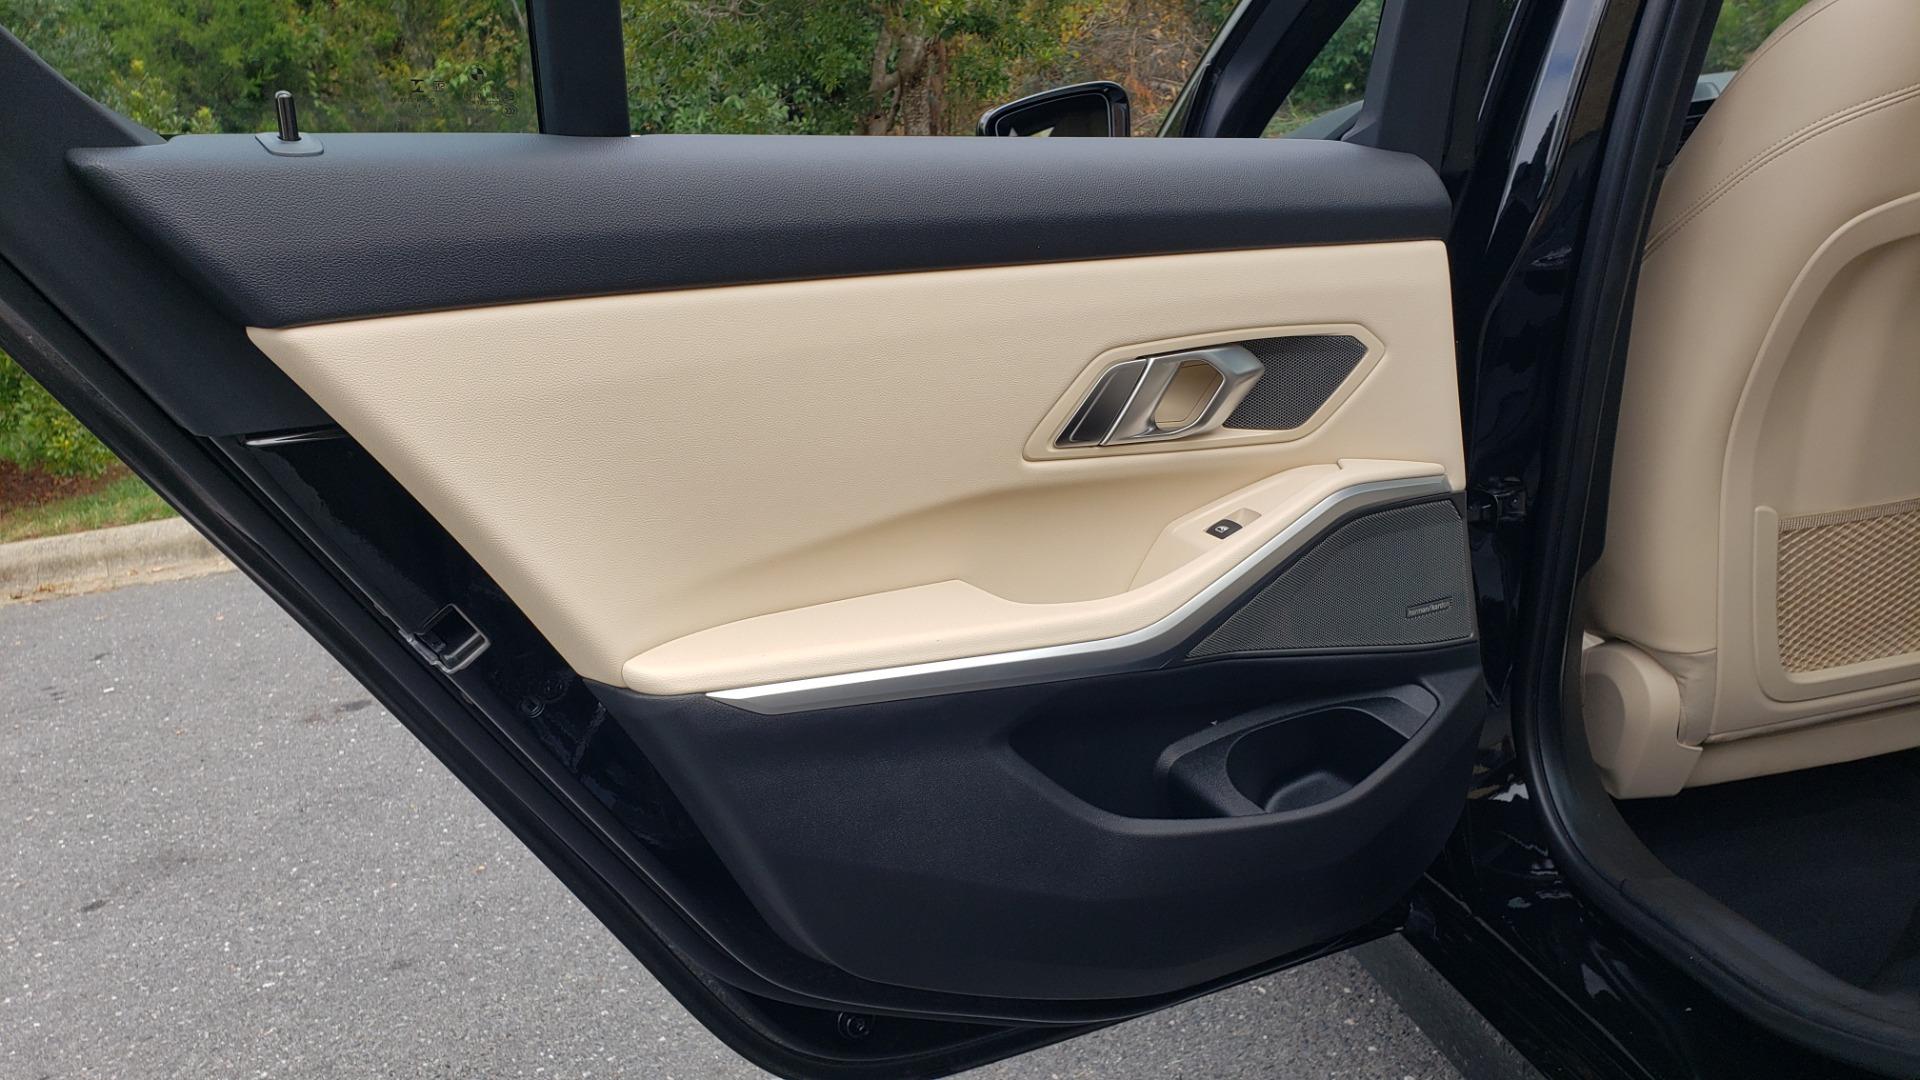 Used 2019 BMW 3 SERIES 330I PREM PKG / NAV / CONV PKG / H&K SND / LIVE COCKPIT PRO for sale Sold at Formula Imports in Charlotte NC 28227 62